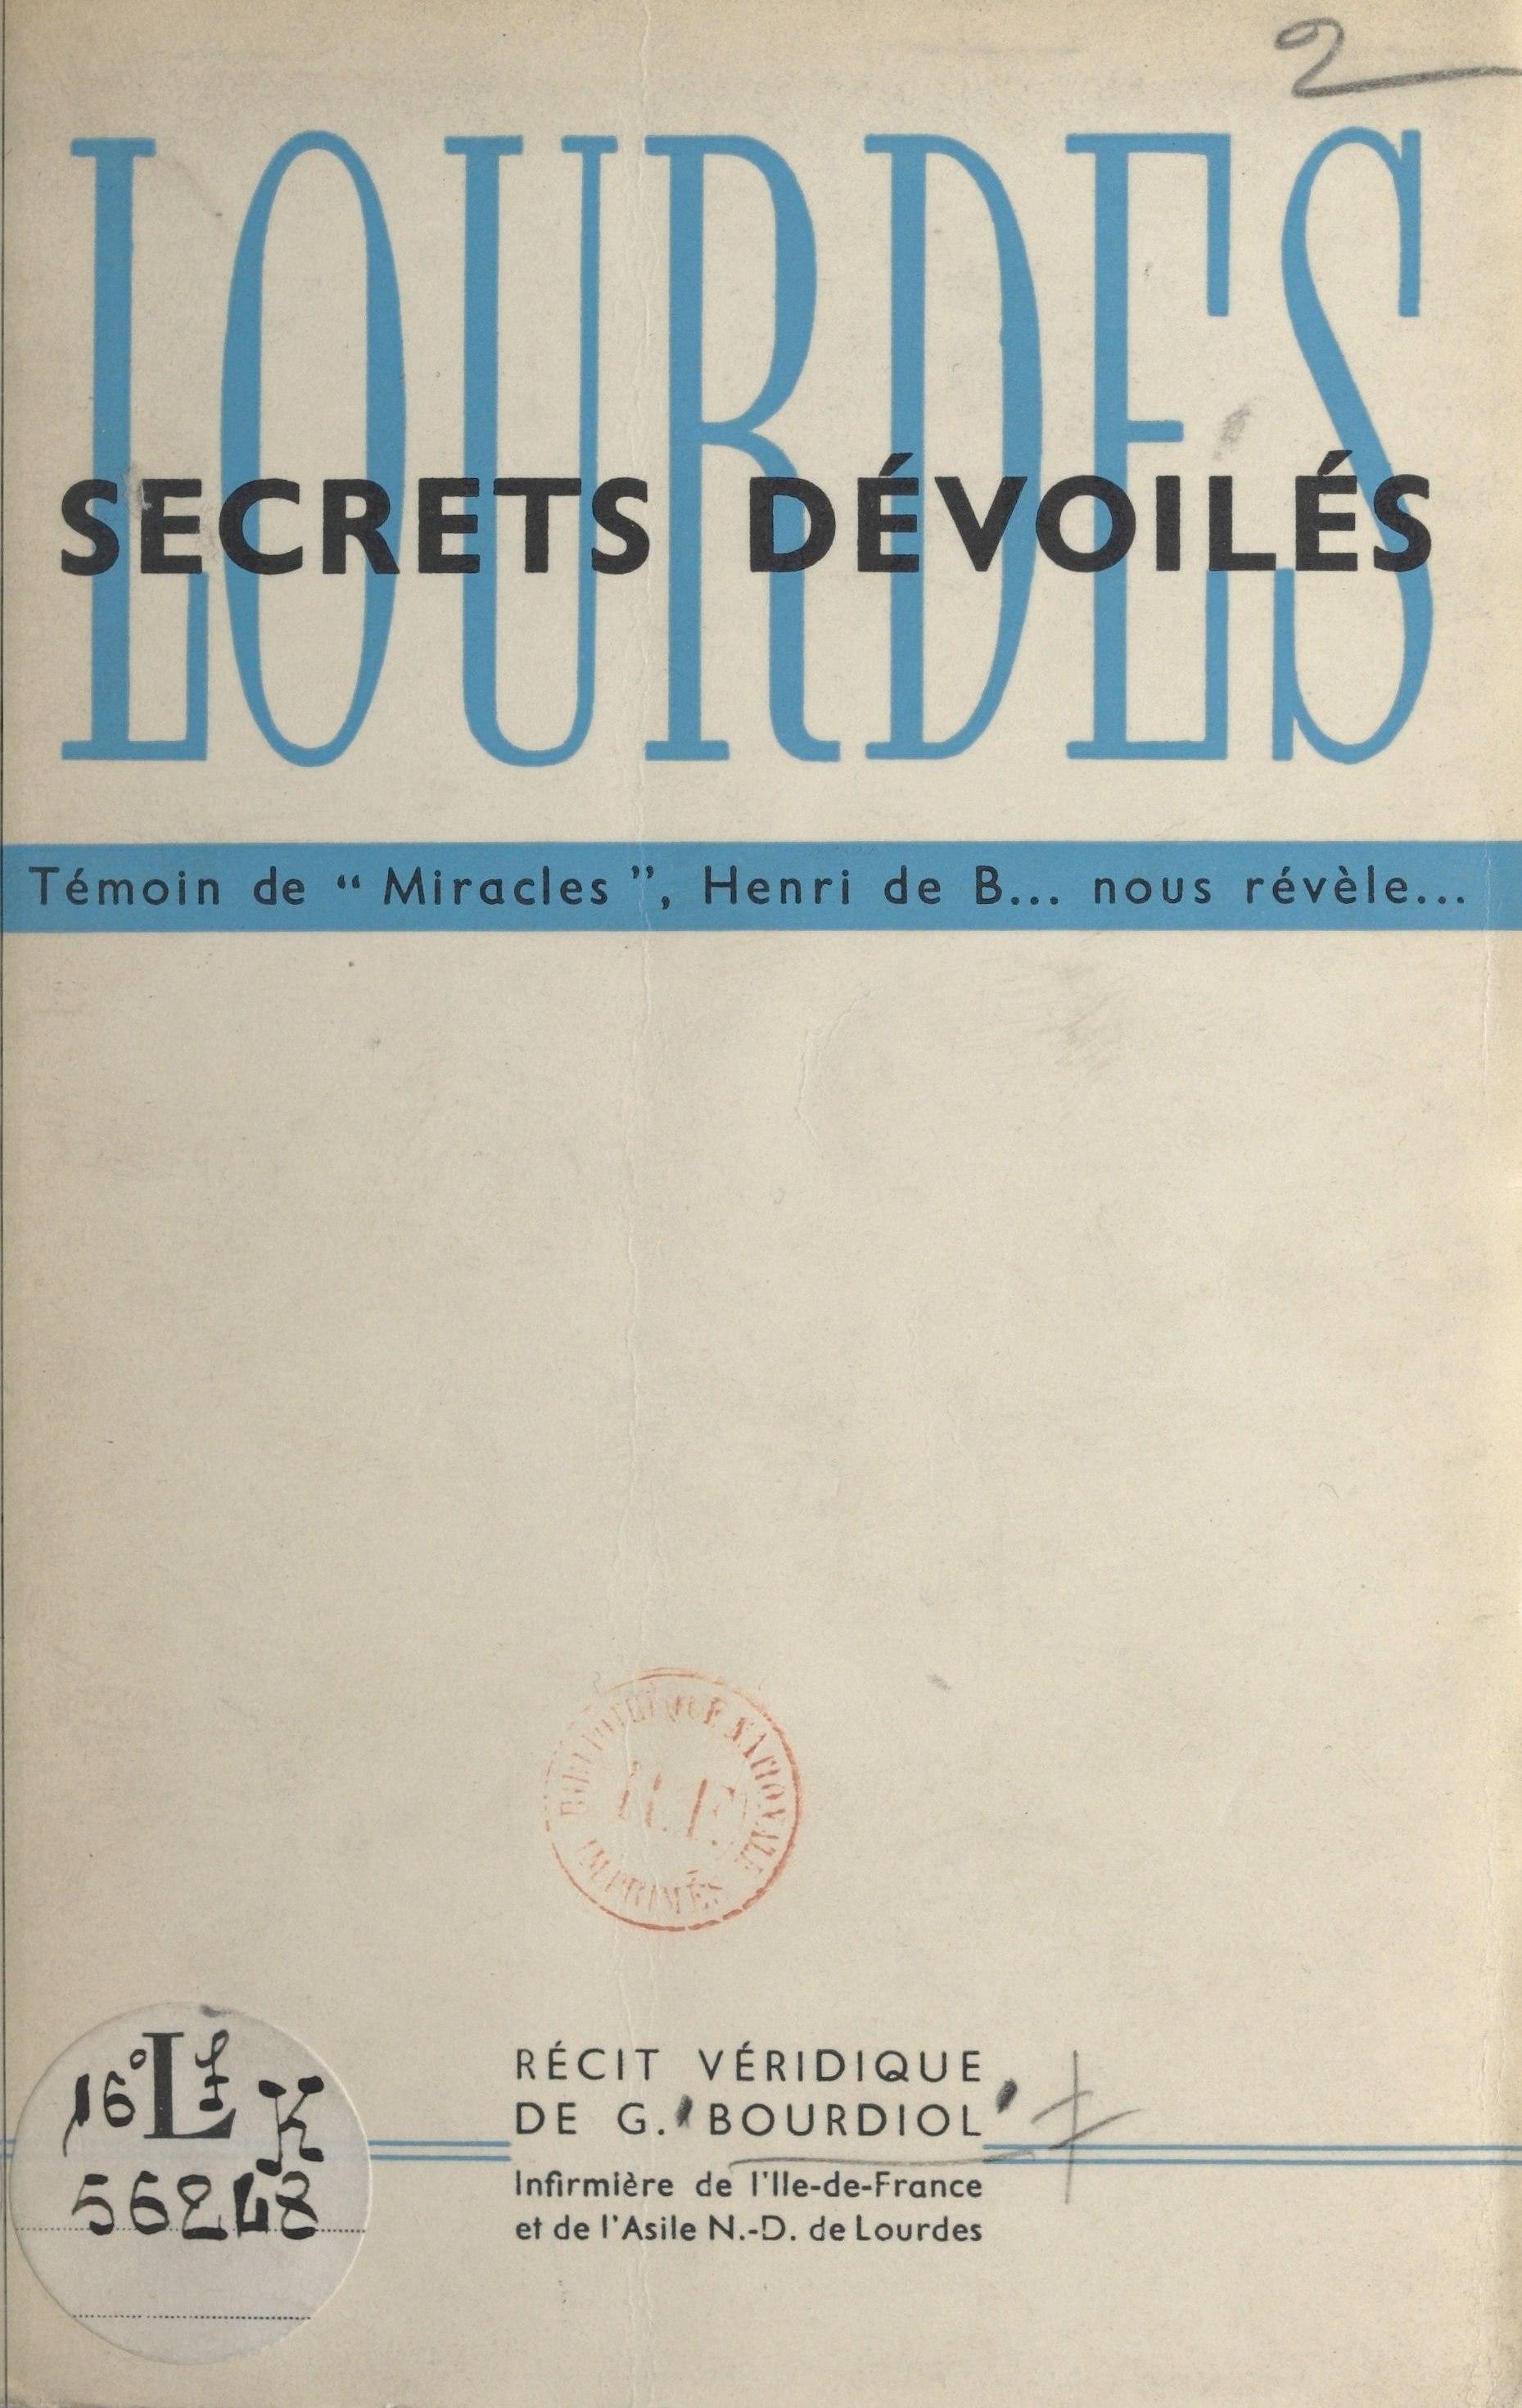 Lourdes, secrets dévoilés